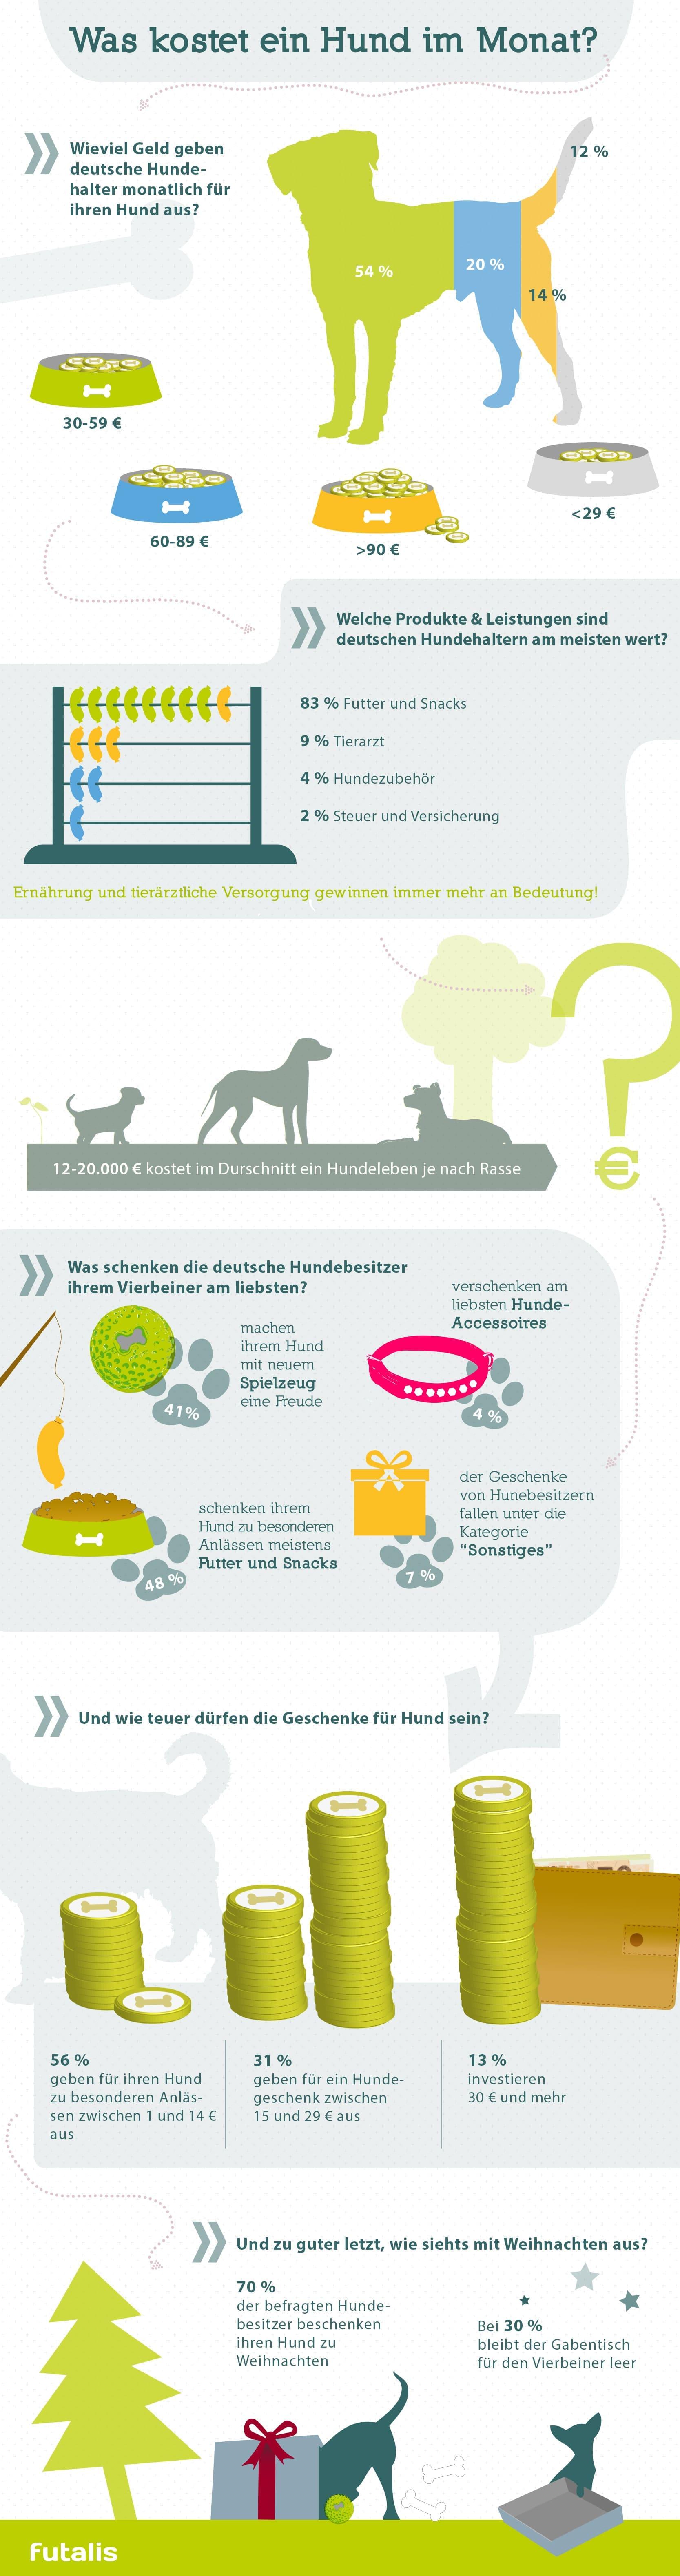 Infografik: Was kostet ein Hund im Monat?